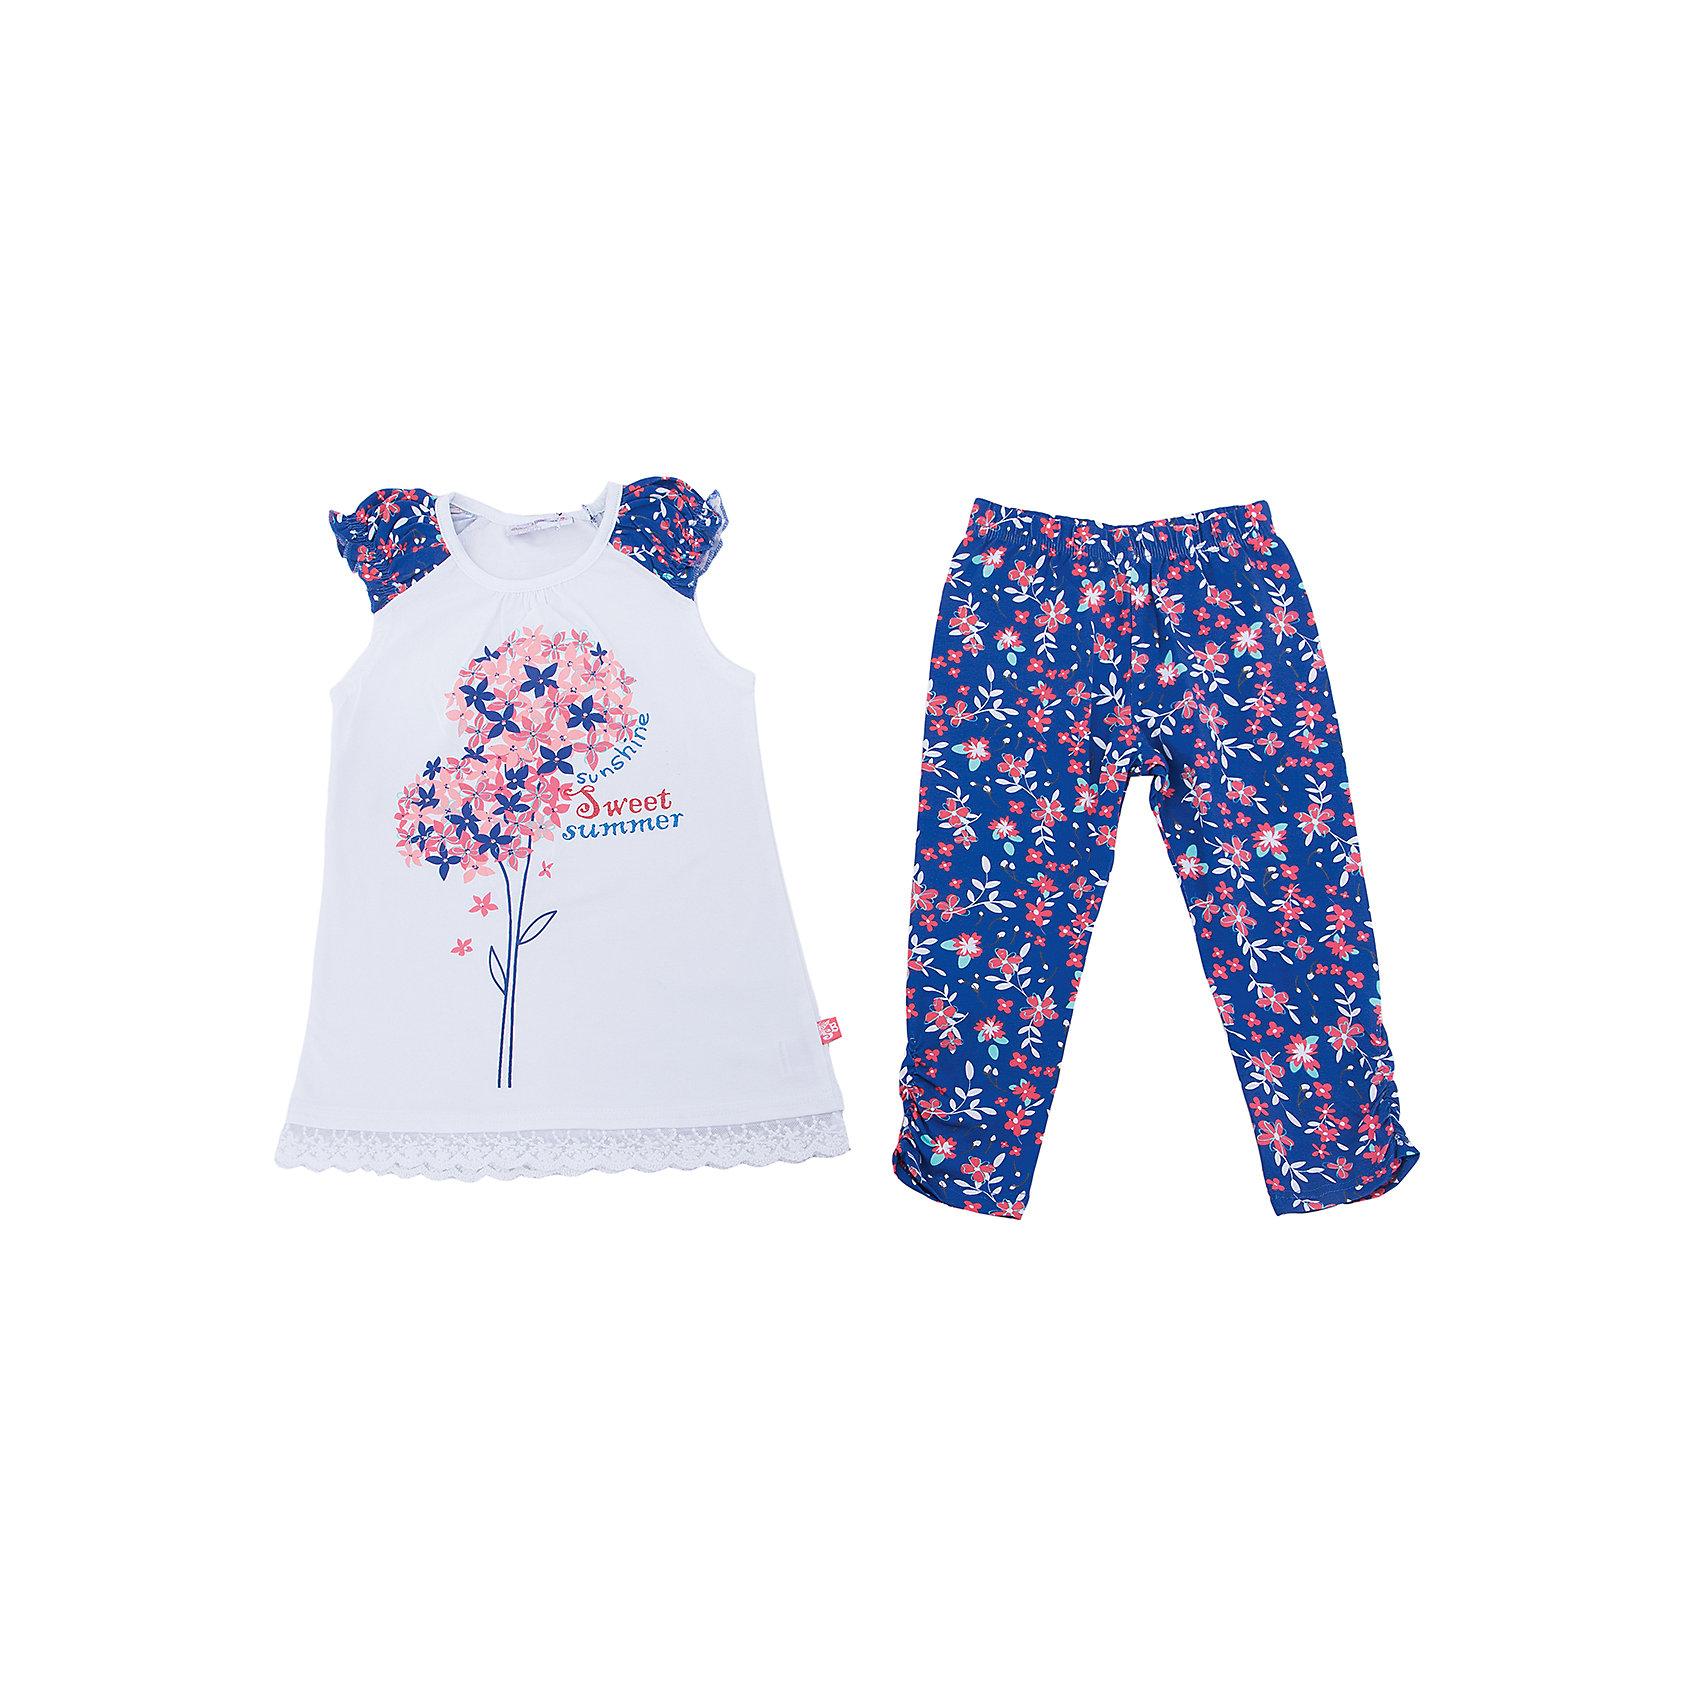 Комплект: футболка и леггинсы для девочки Sweet BerryКомплекты<br>Трикотажный комплект для девочки. Удлиненная футболка с цветочным рисунком, свободный крой. Лосины принтованы цветочным рисунком в тон футболке. Эластичный пояс.<br>Состав:<br>95%хлопок 5%эластан<br><br>Ширина мм: 123<br>Глубина мм: 10<br>Высота мм: 149<br>Вес г: 209<br>Цвет: разноцветный<br>Возраст от месяцев: 36<br>Возраст до месяцев: 48<br>Пол: Женский<br>Возраст: Детский<br>Размер: 104,98,110,116,122,128<br>SKU: 5412286